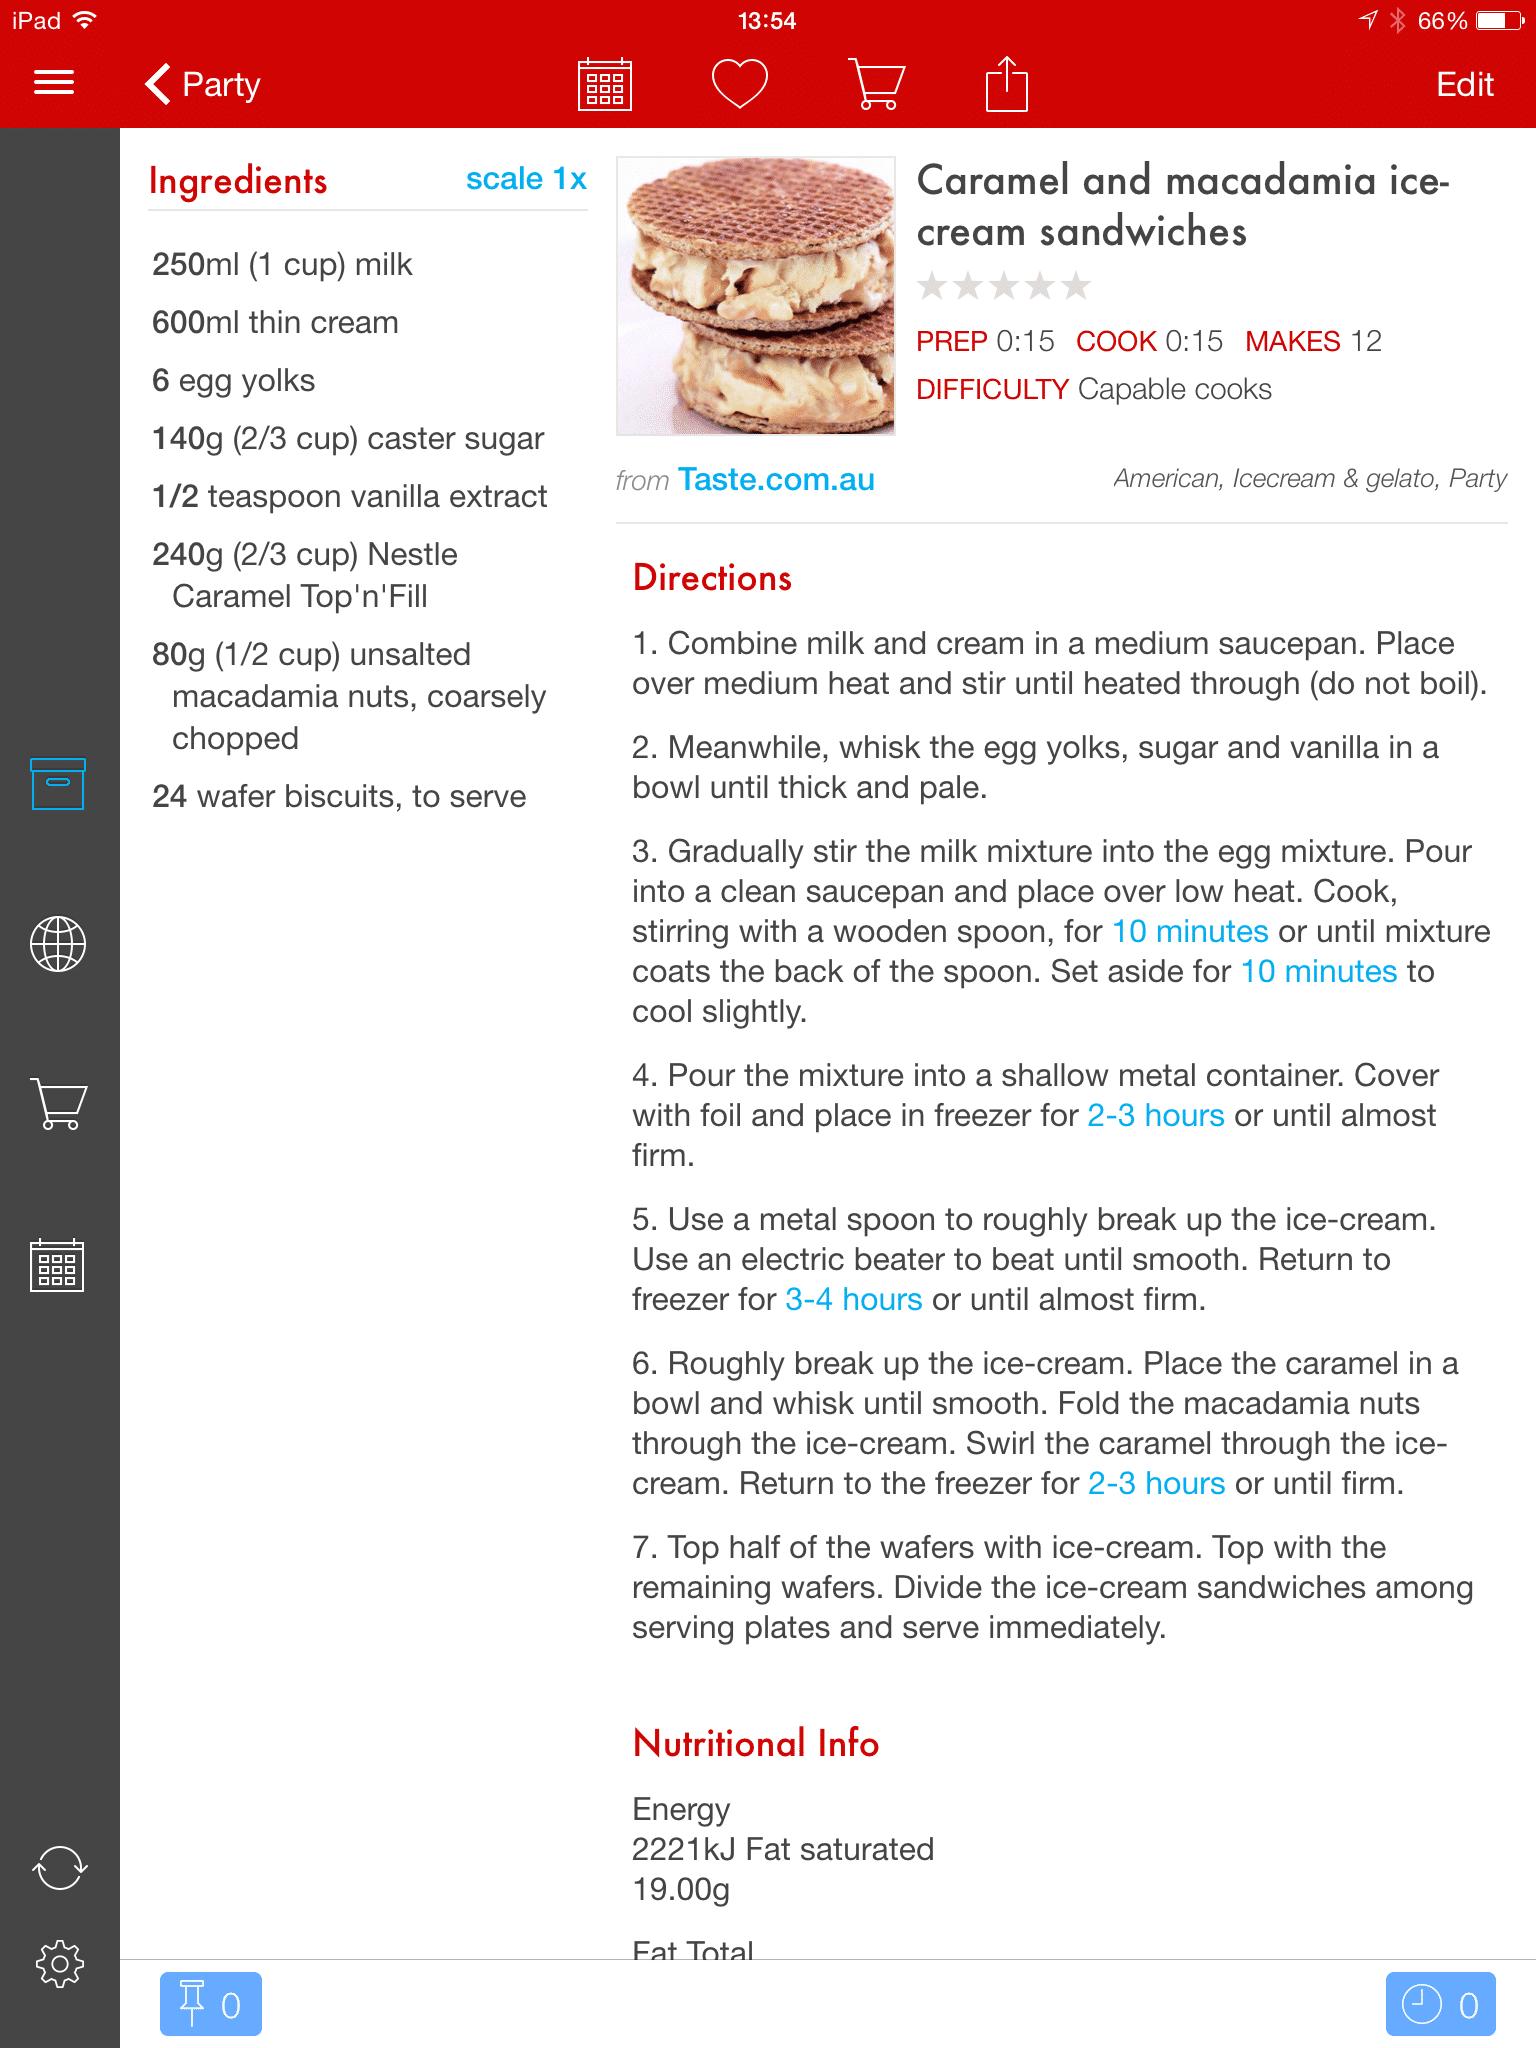 Paprika in app recipe screen shot